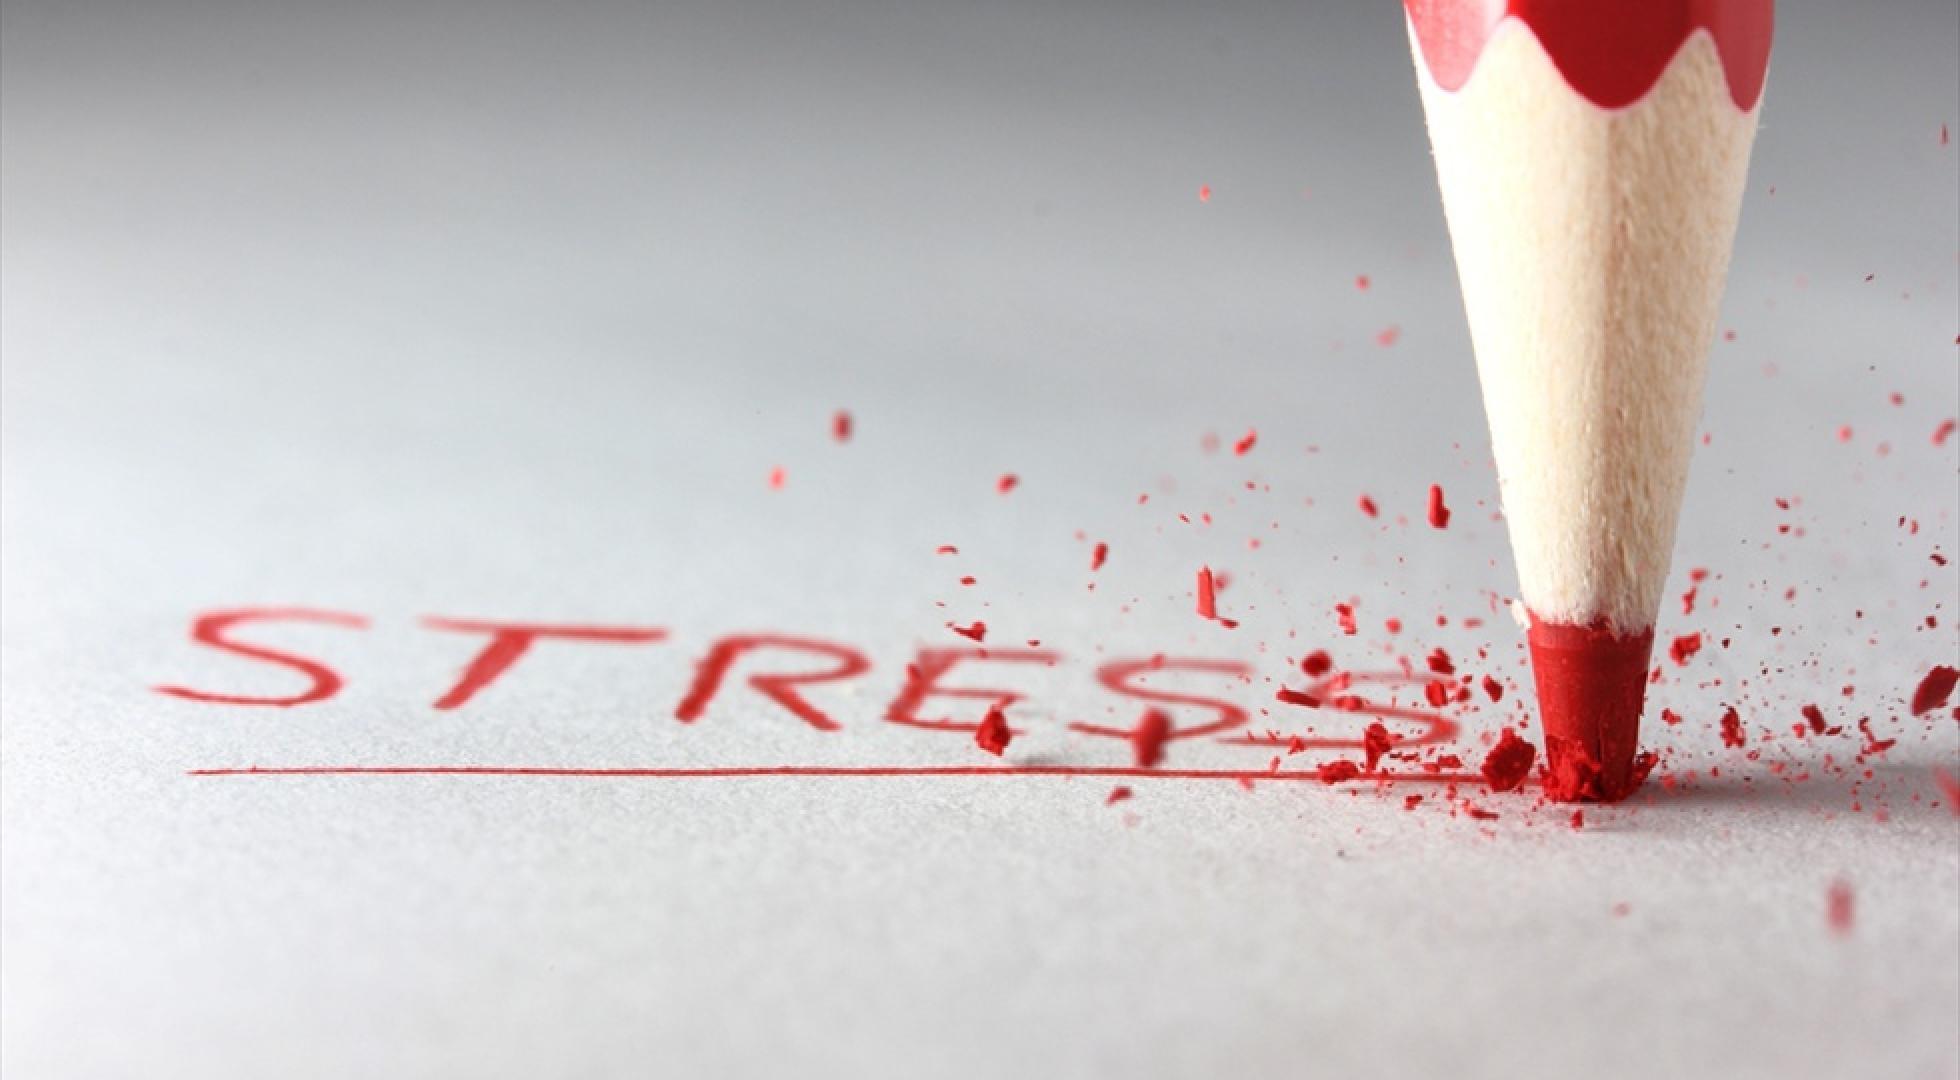 Gestion su stress